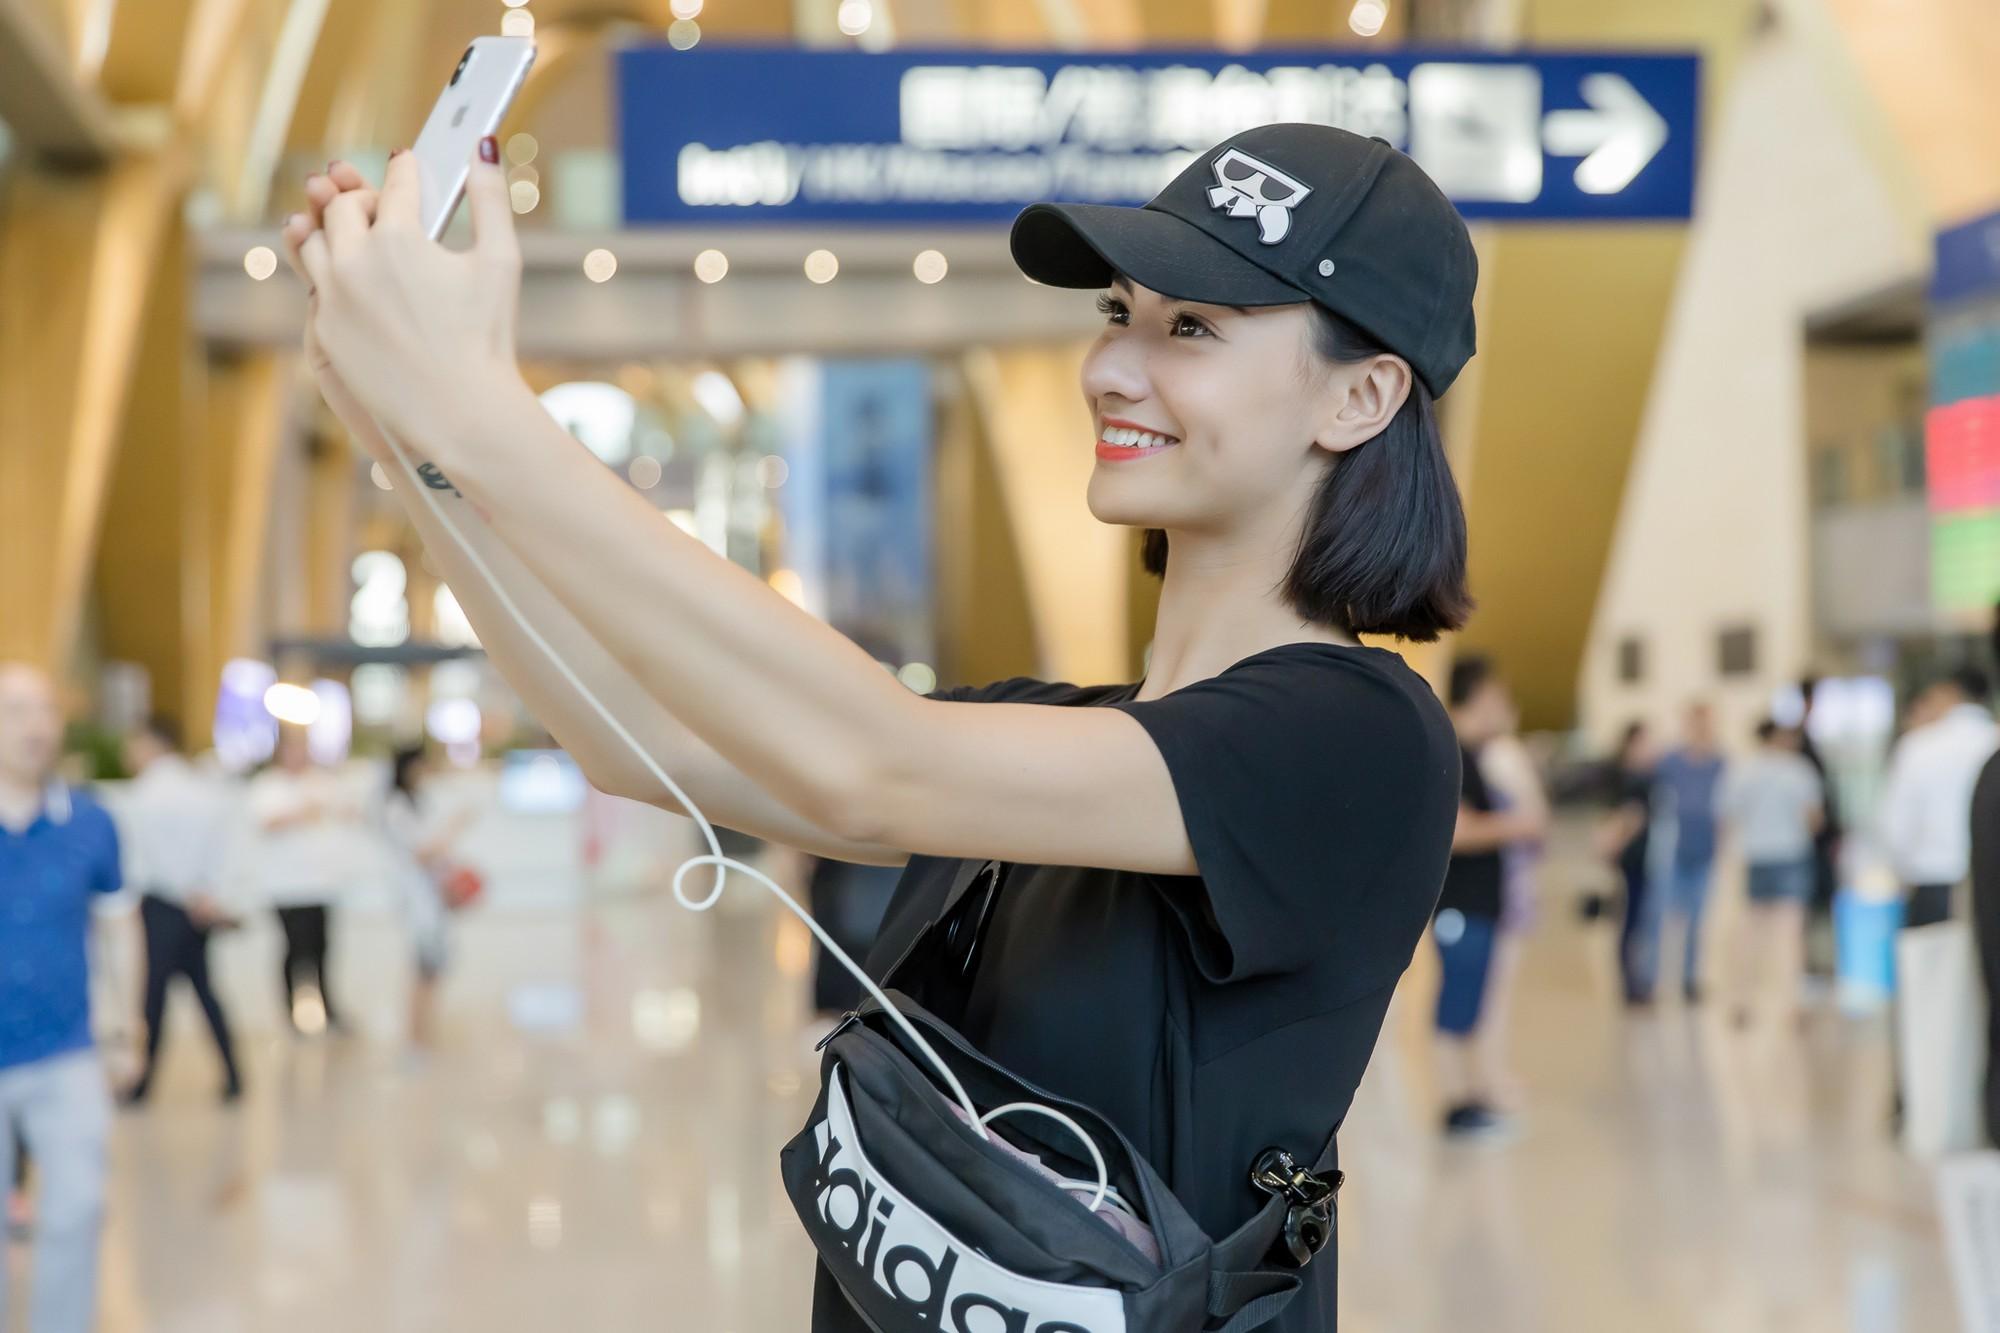 Gửi con cho ông bà để đi làm, Hồng Quế nhí nhảnh selfie cùng người đàn ông này ở sân bay - Ảnh 4.